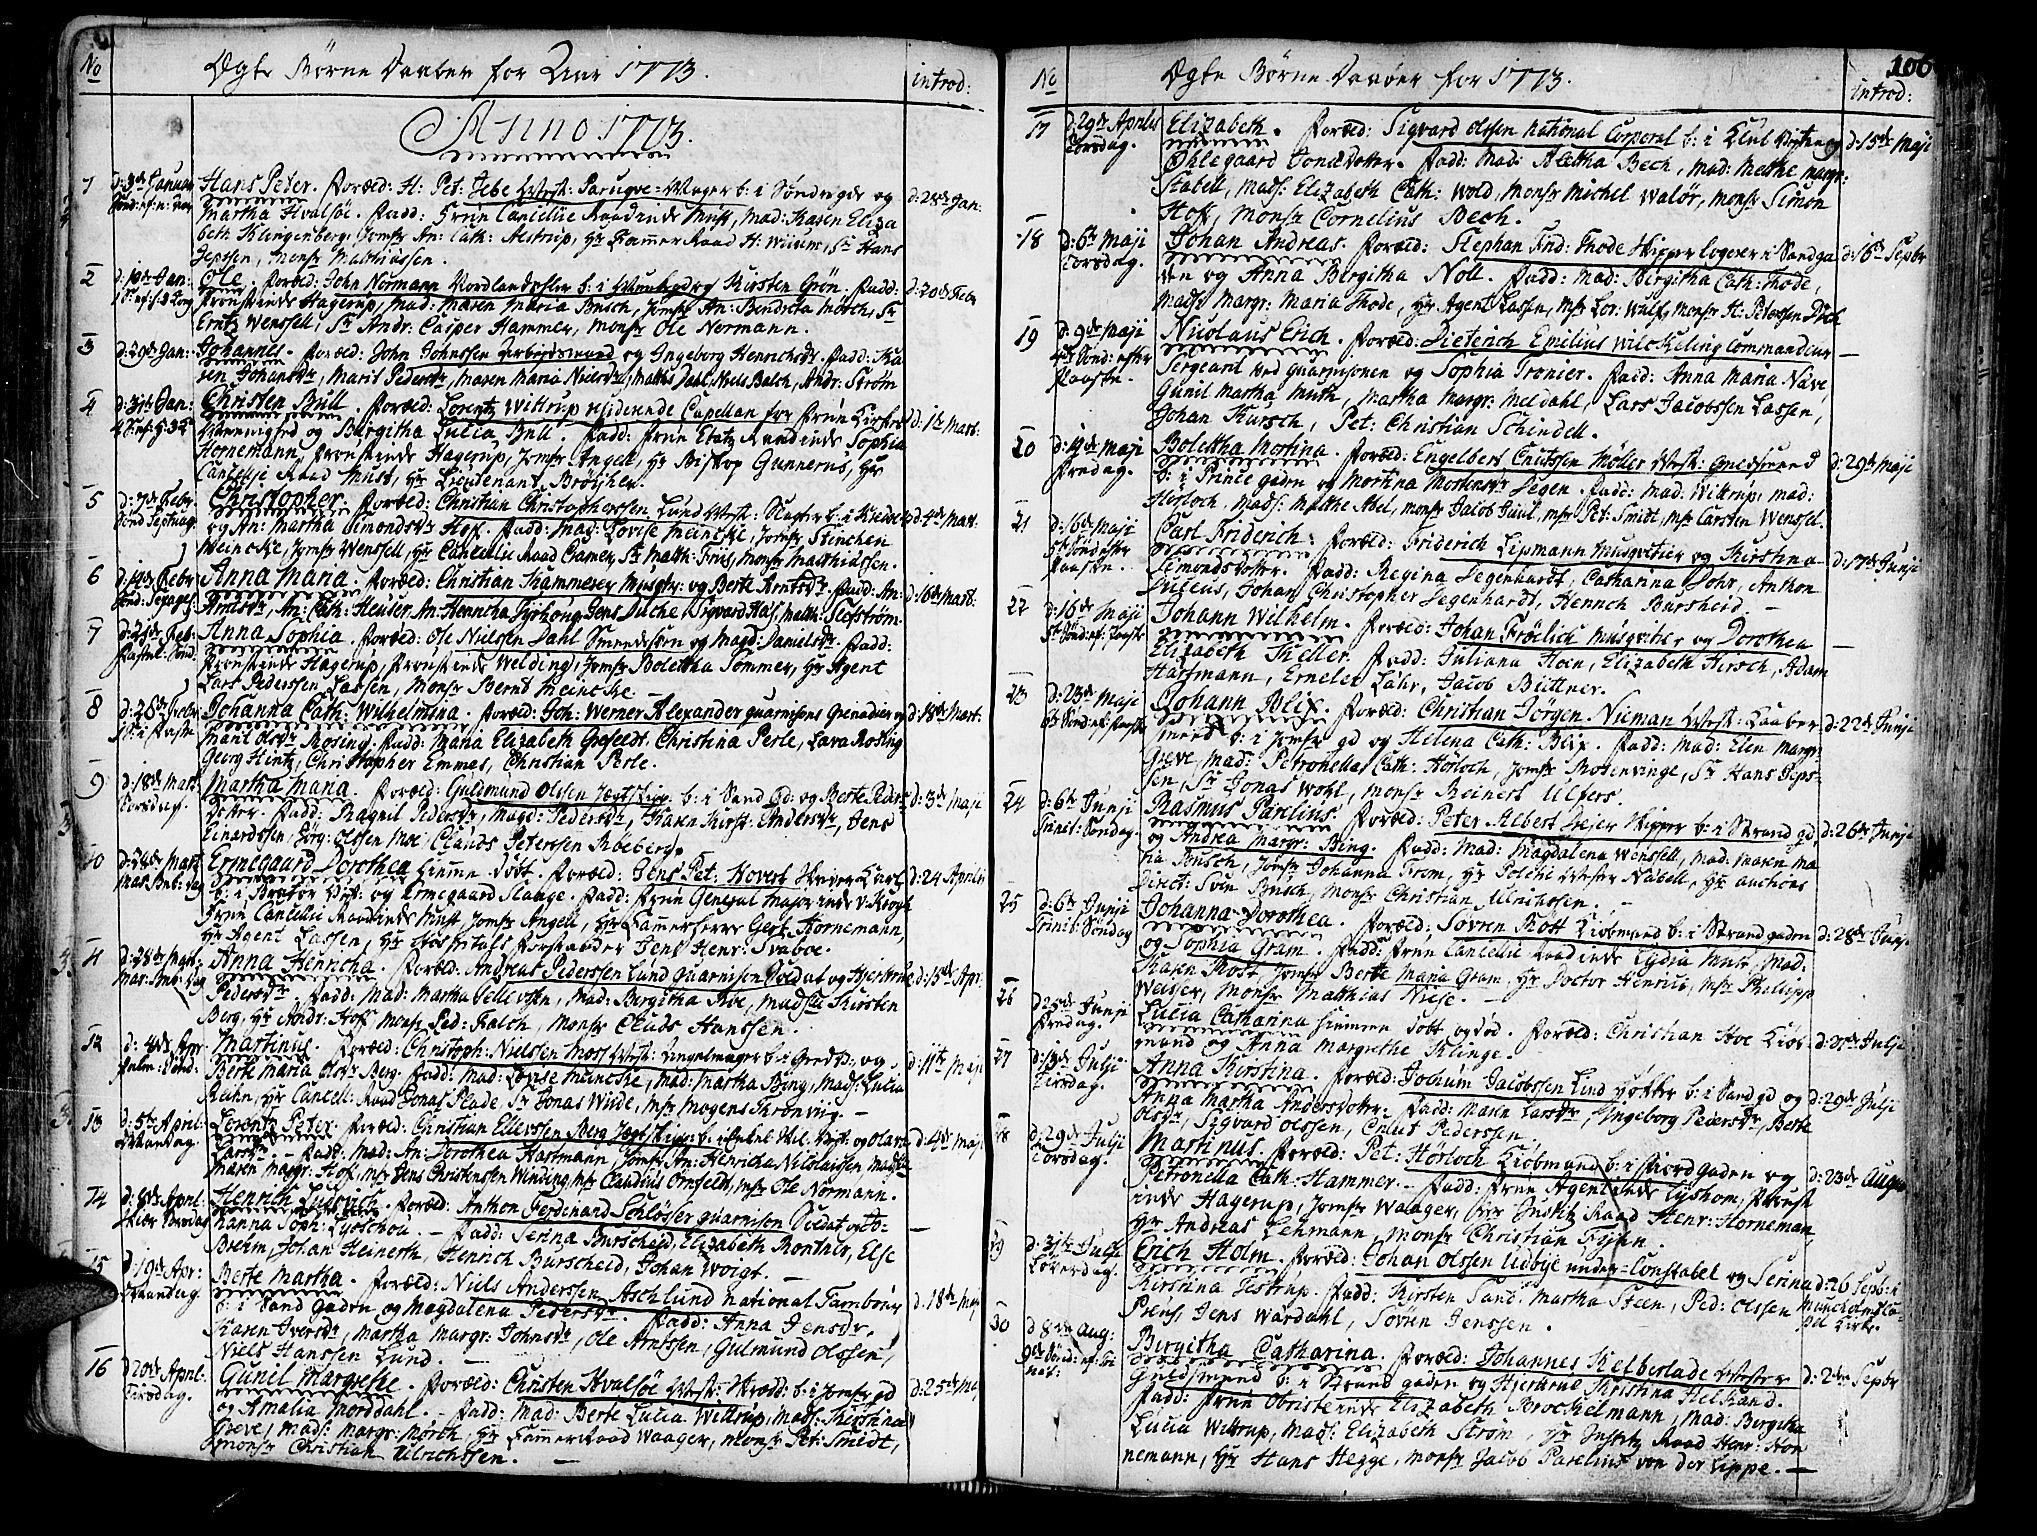 SAT, Ministerialprotokoller, klokkerbøker og fødselsregistre - Sør-Trøndelag, 602/L0103: Ministerialbok nr. 602A01, 1732-1774, s. 106